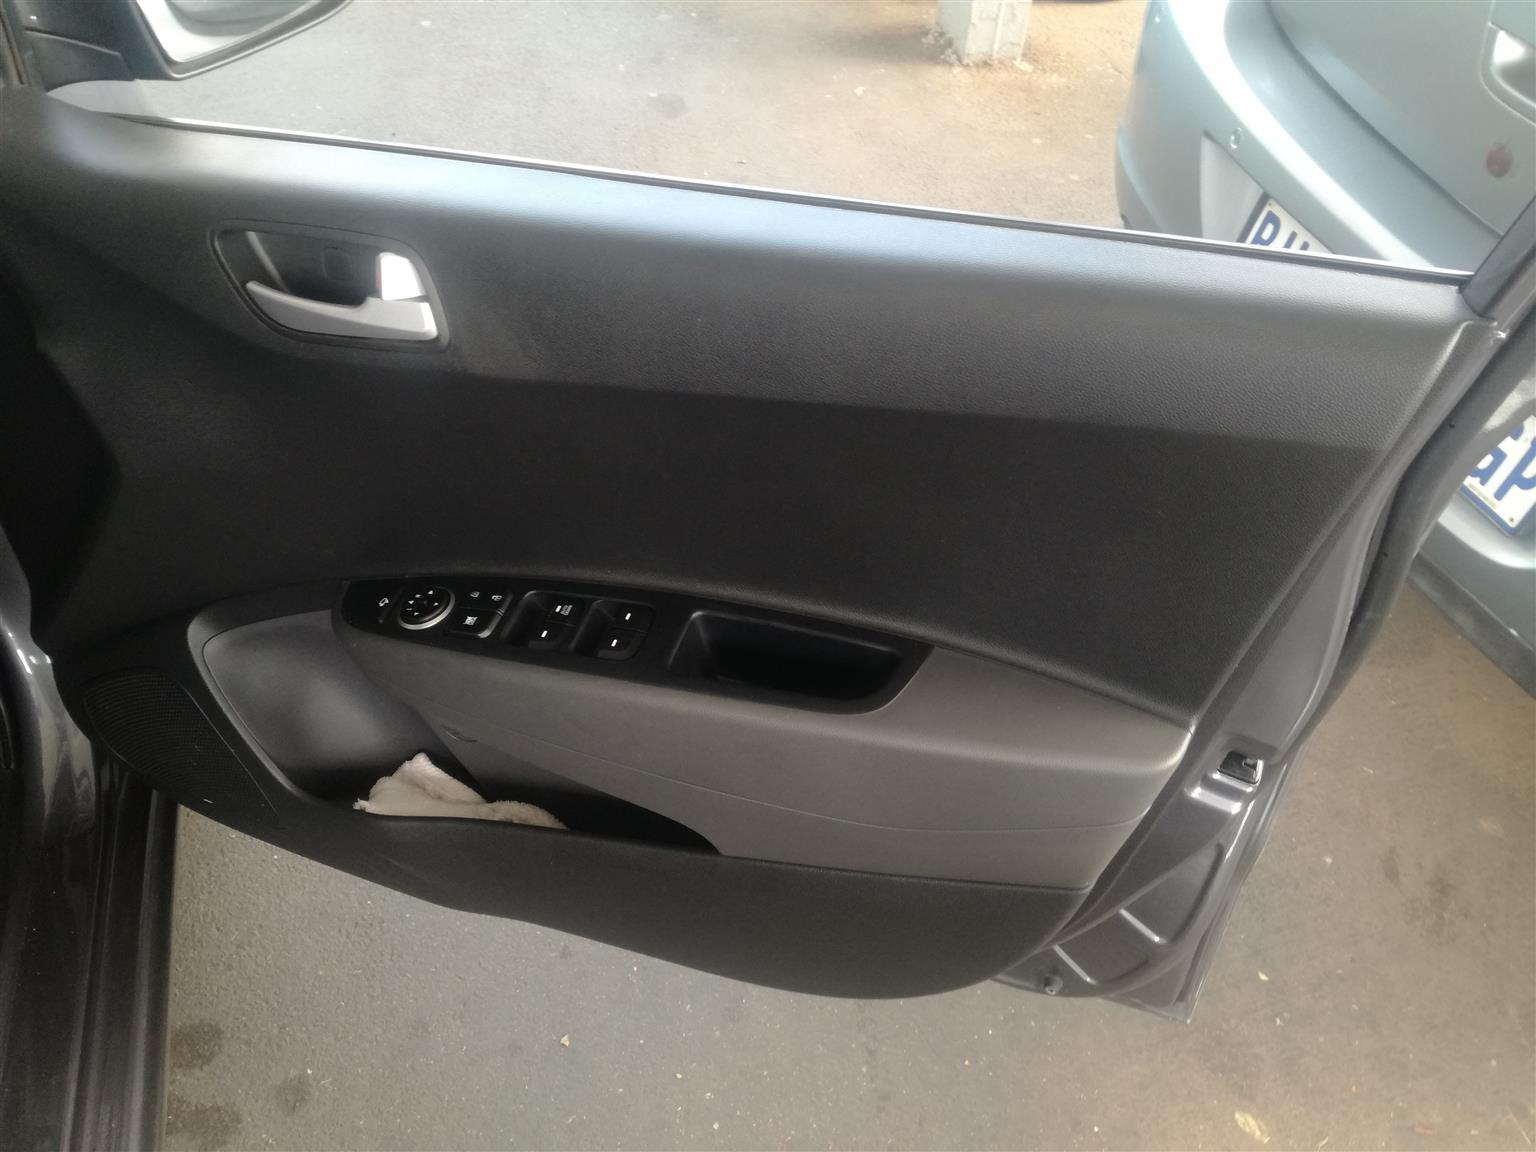 2018 Hyundai i10 1.25 Glide Limited Edition